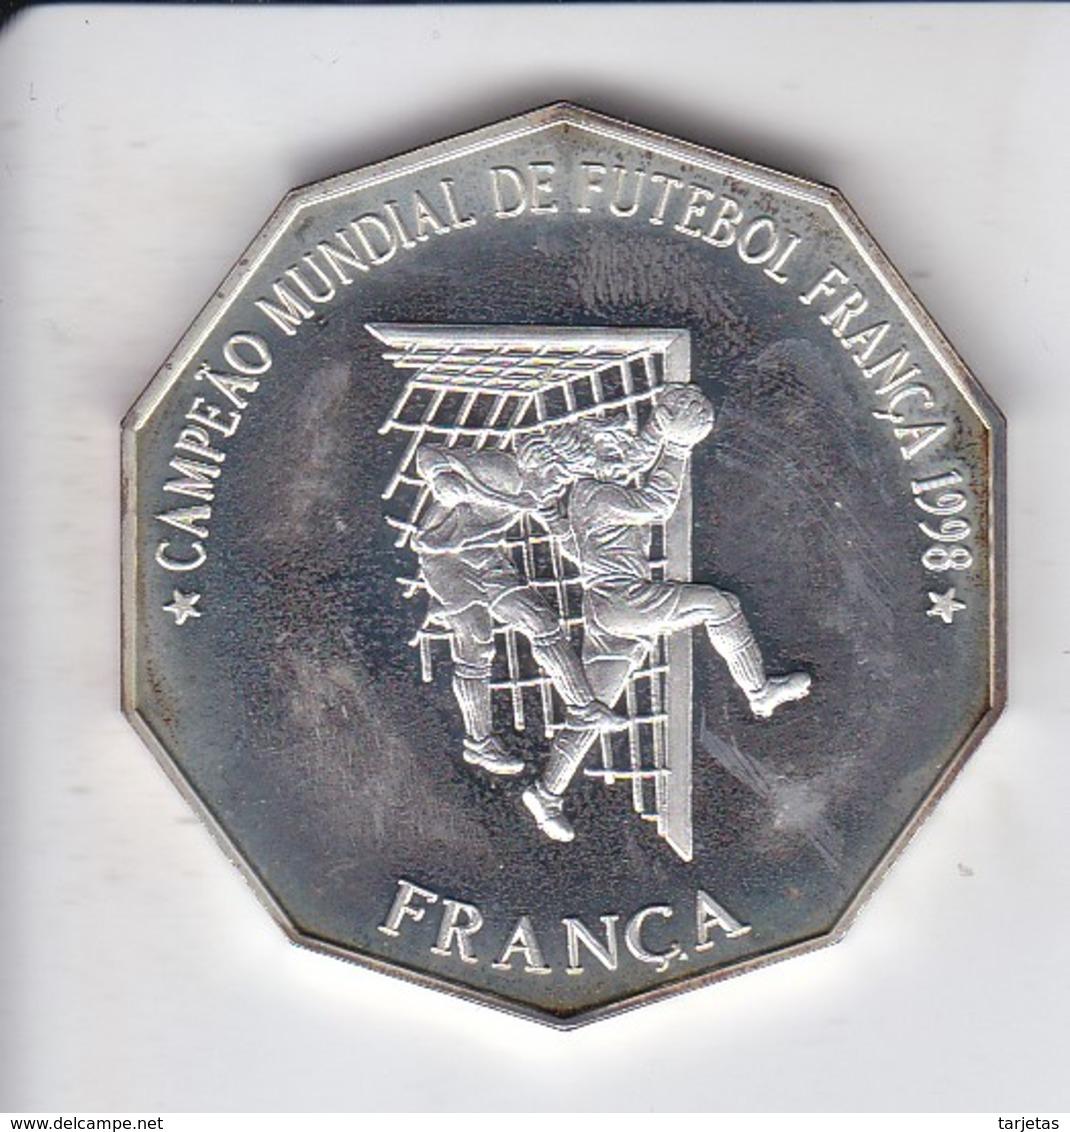 MONEDA DE PLATA DE SANTO TOME E PRINCIPE DE 1000 DOBRAS DEL AÑO 1998 MUNDIAL FUTBOL FRANCIA 1998 (SILVER-ARGENT) - Santo Tomé Y Príncipe